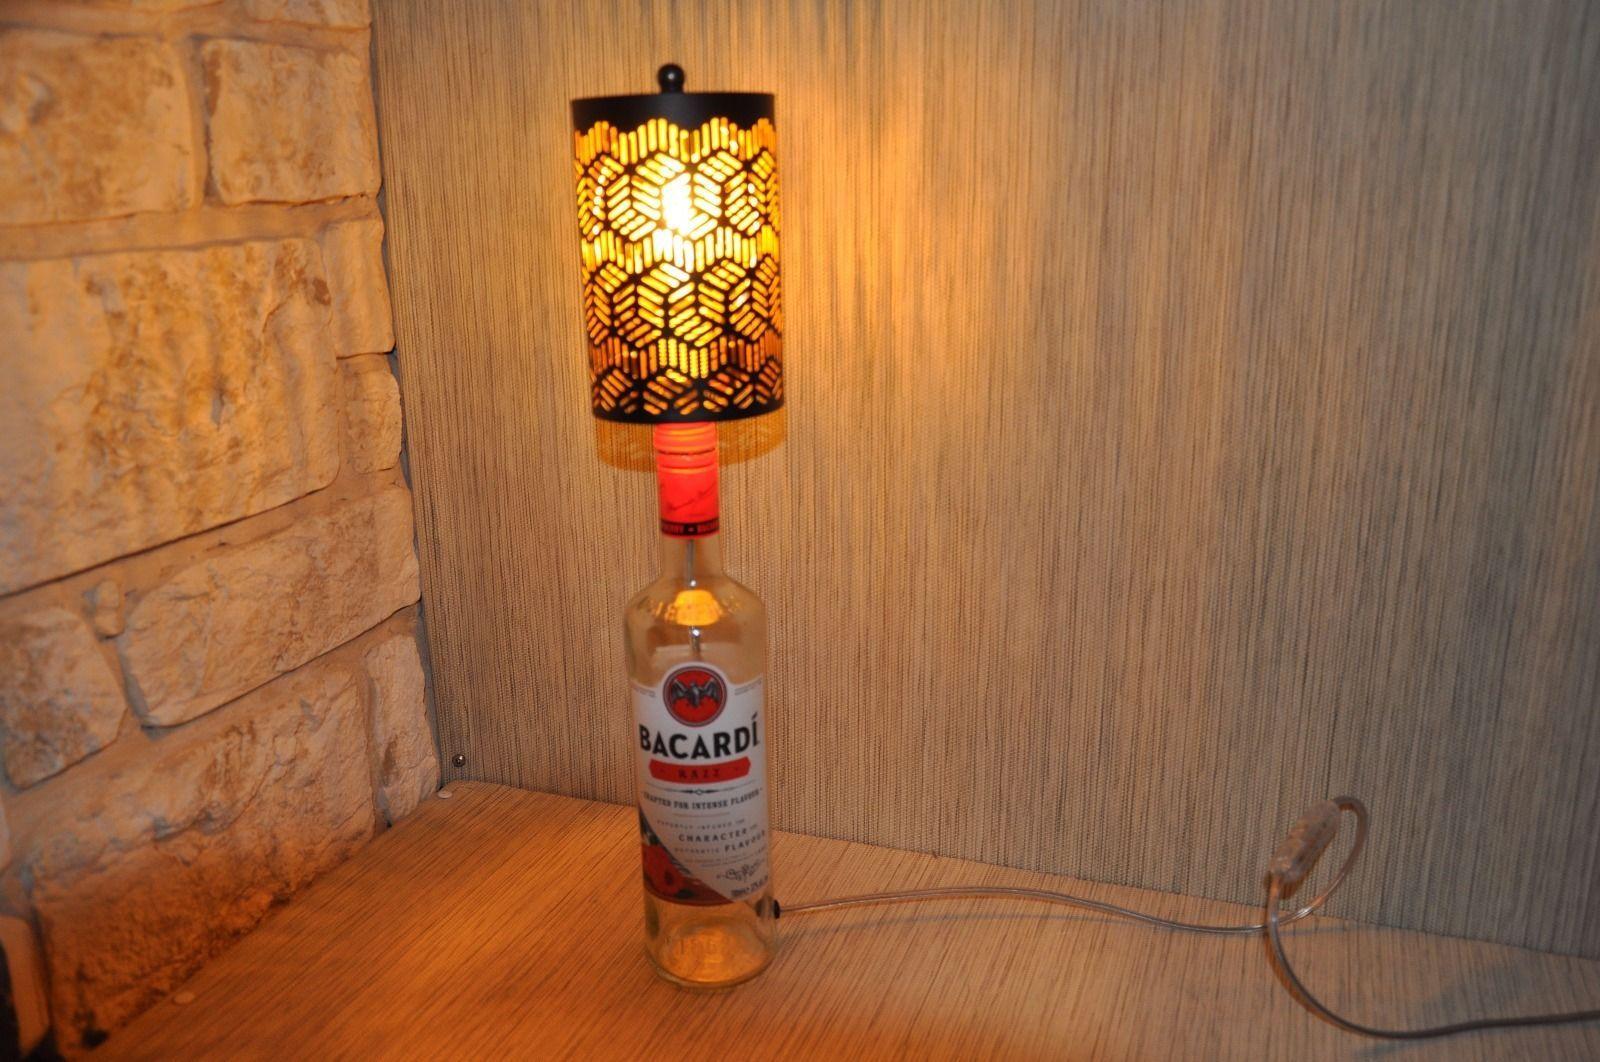 Bacardi razz glas flaschen lampe design unikat leuchte tisch bar